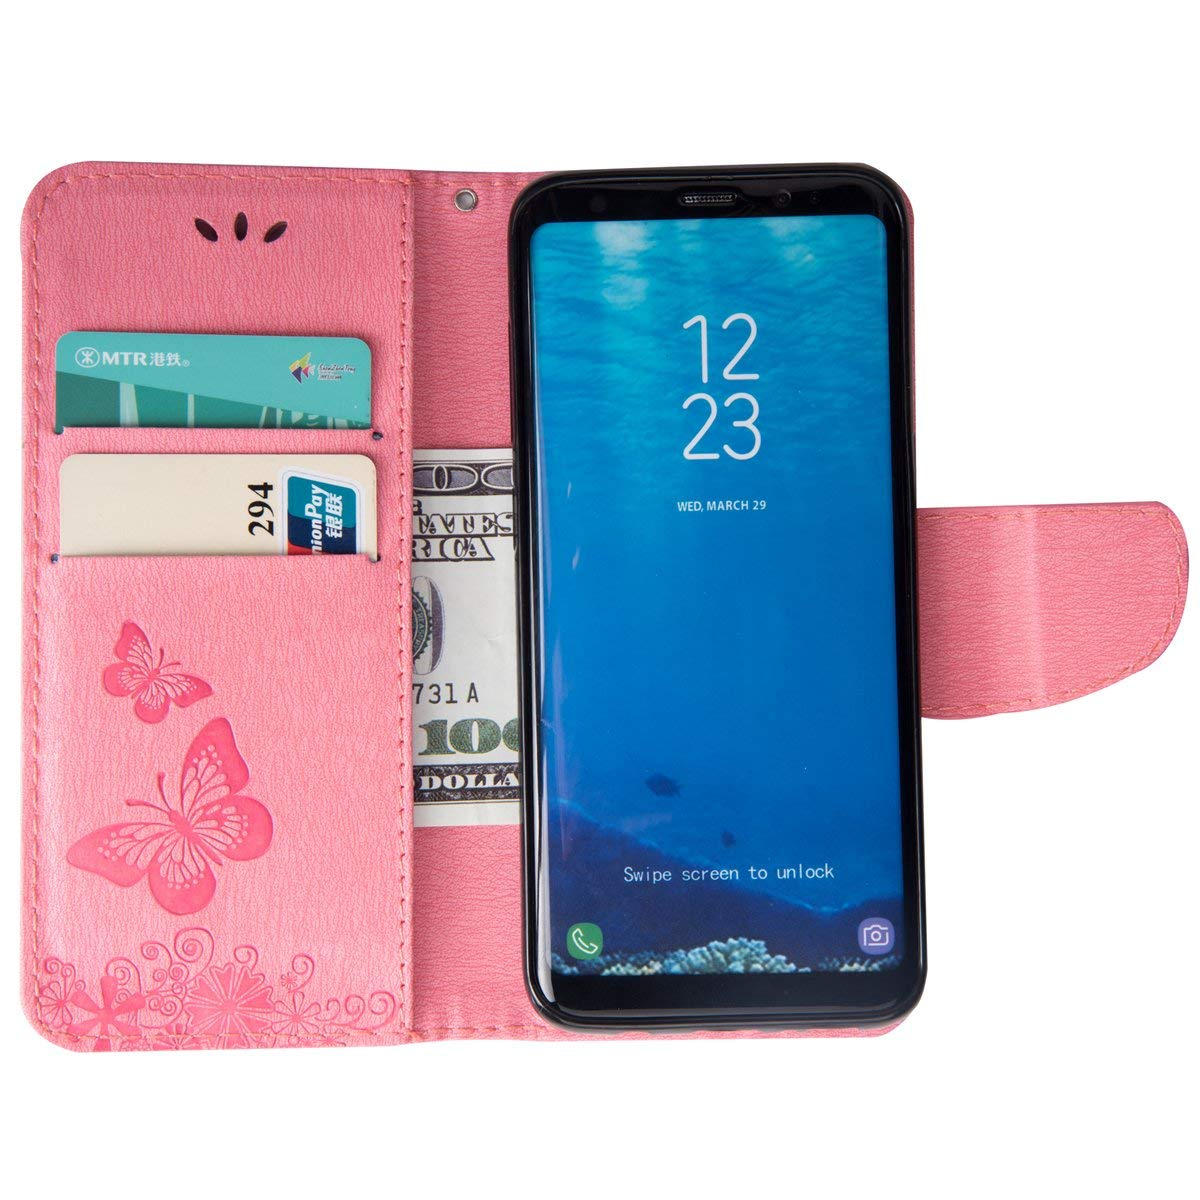 Felfy Kompatibel mit Galaxy J4 Plus H/ülle Grau,Kompatibel mit Galaxy J4 Handyh/ülle Glitzer Diamant Strass Schmetterling Muster Schutzh/ülle PU Leder Tasche Flip Cover Case mit Kartenfach